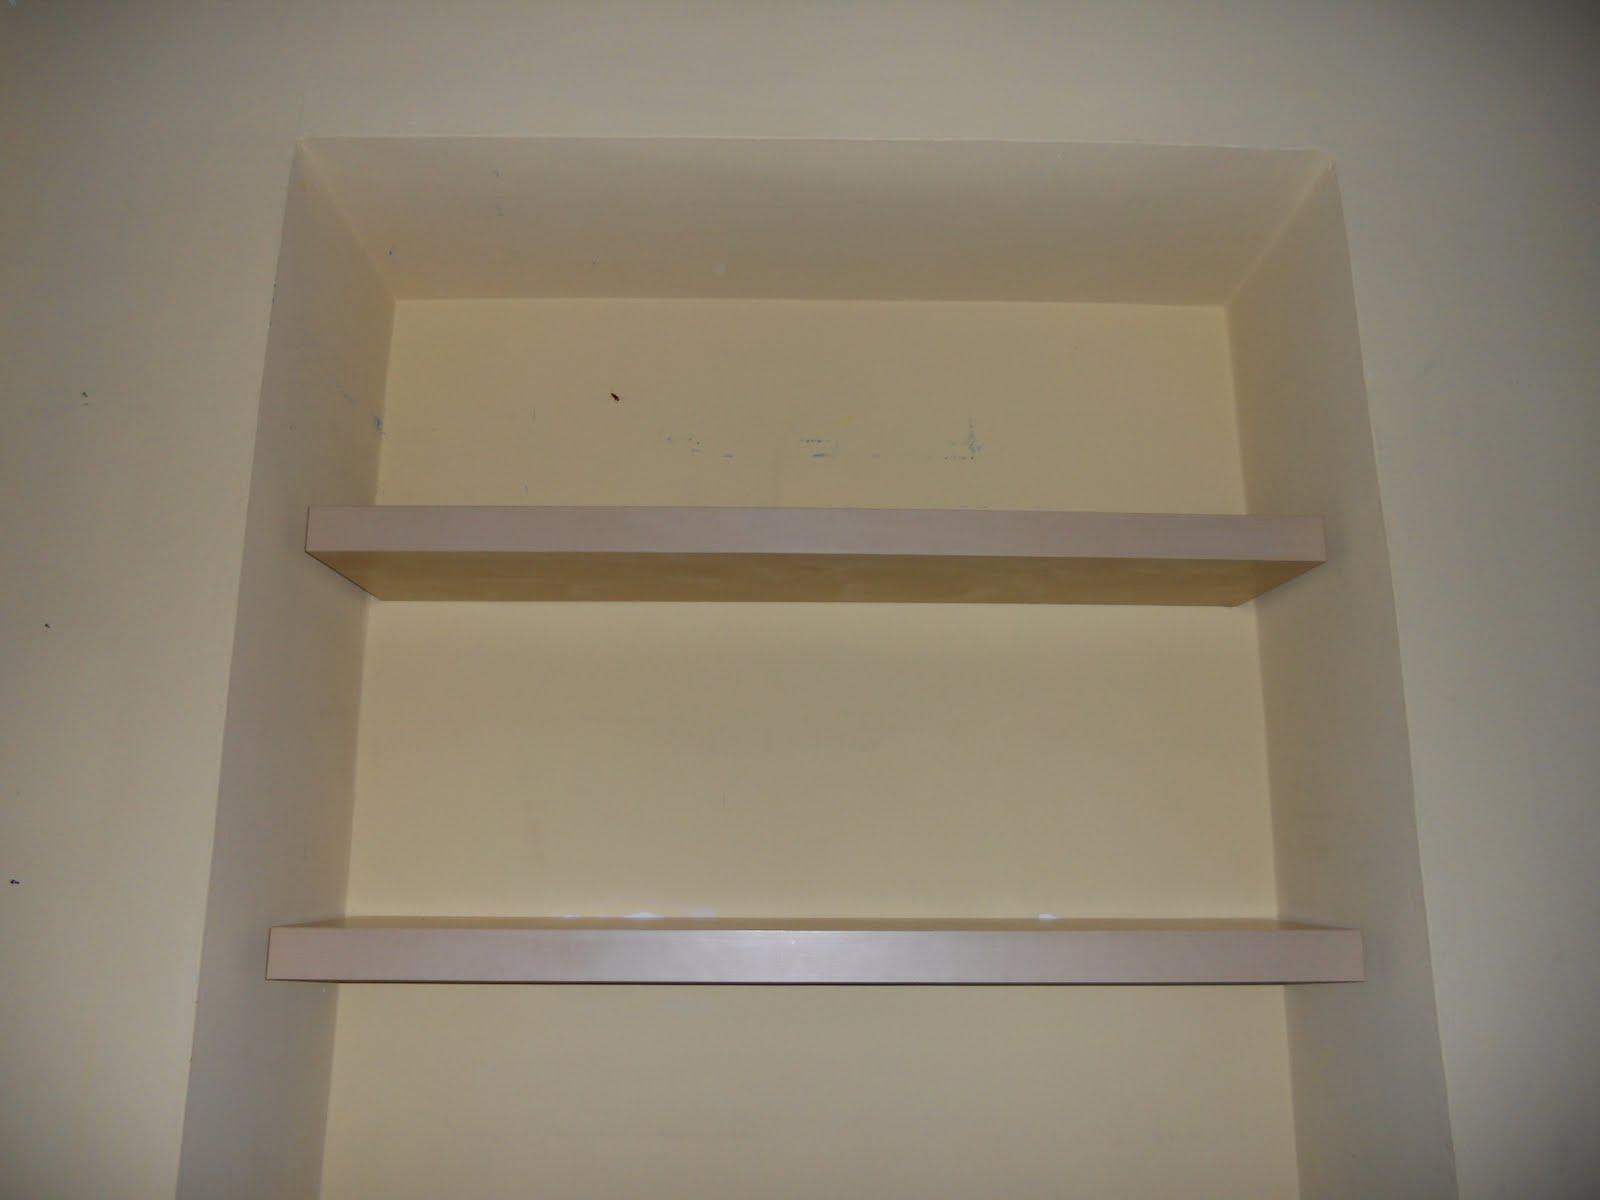 Qui trasloco venduto mensole lack ikea for Ikea mensole da muro